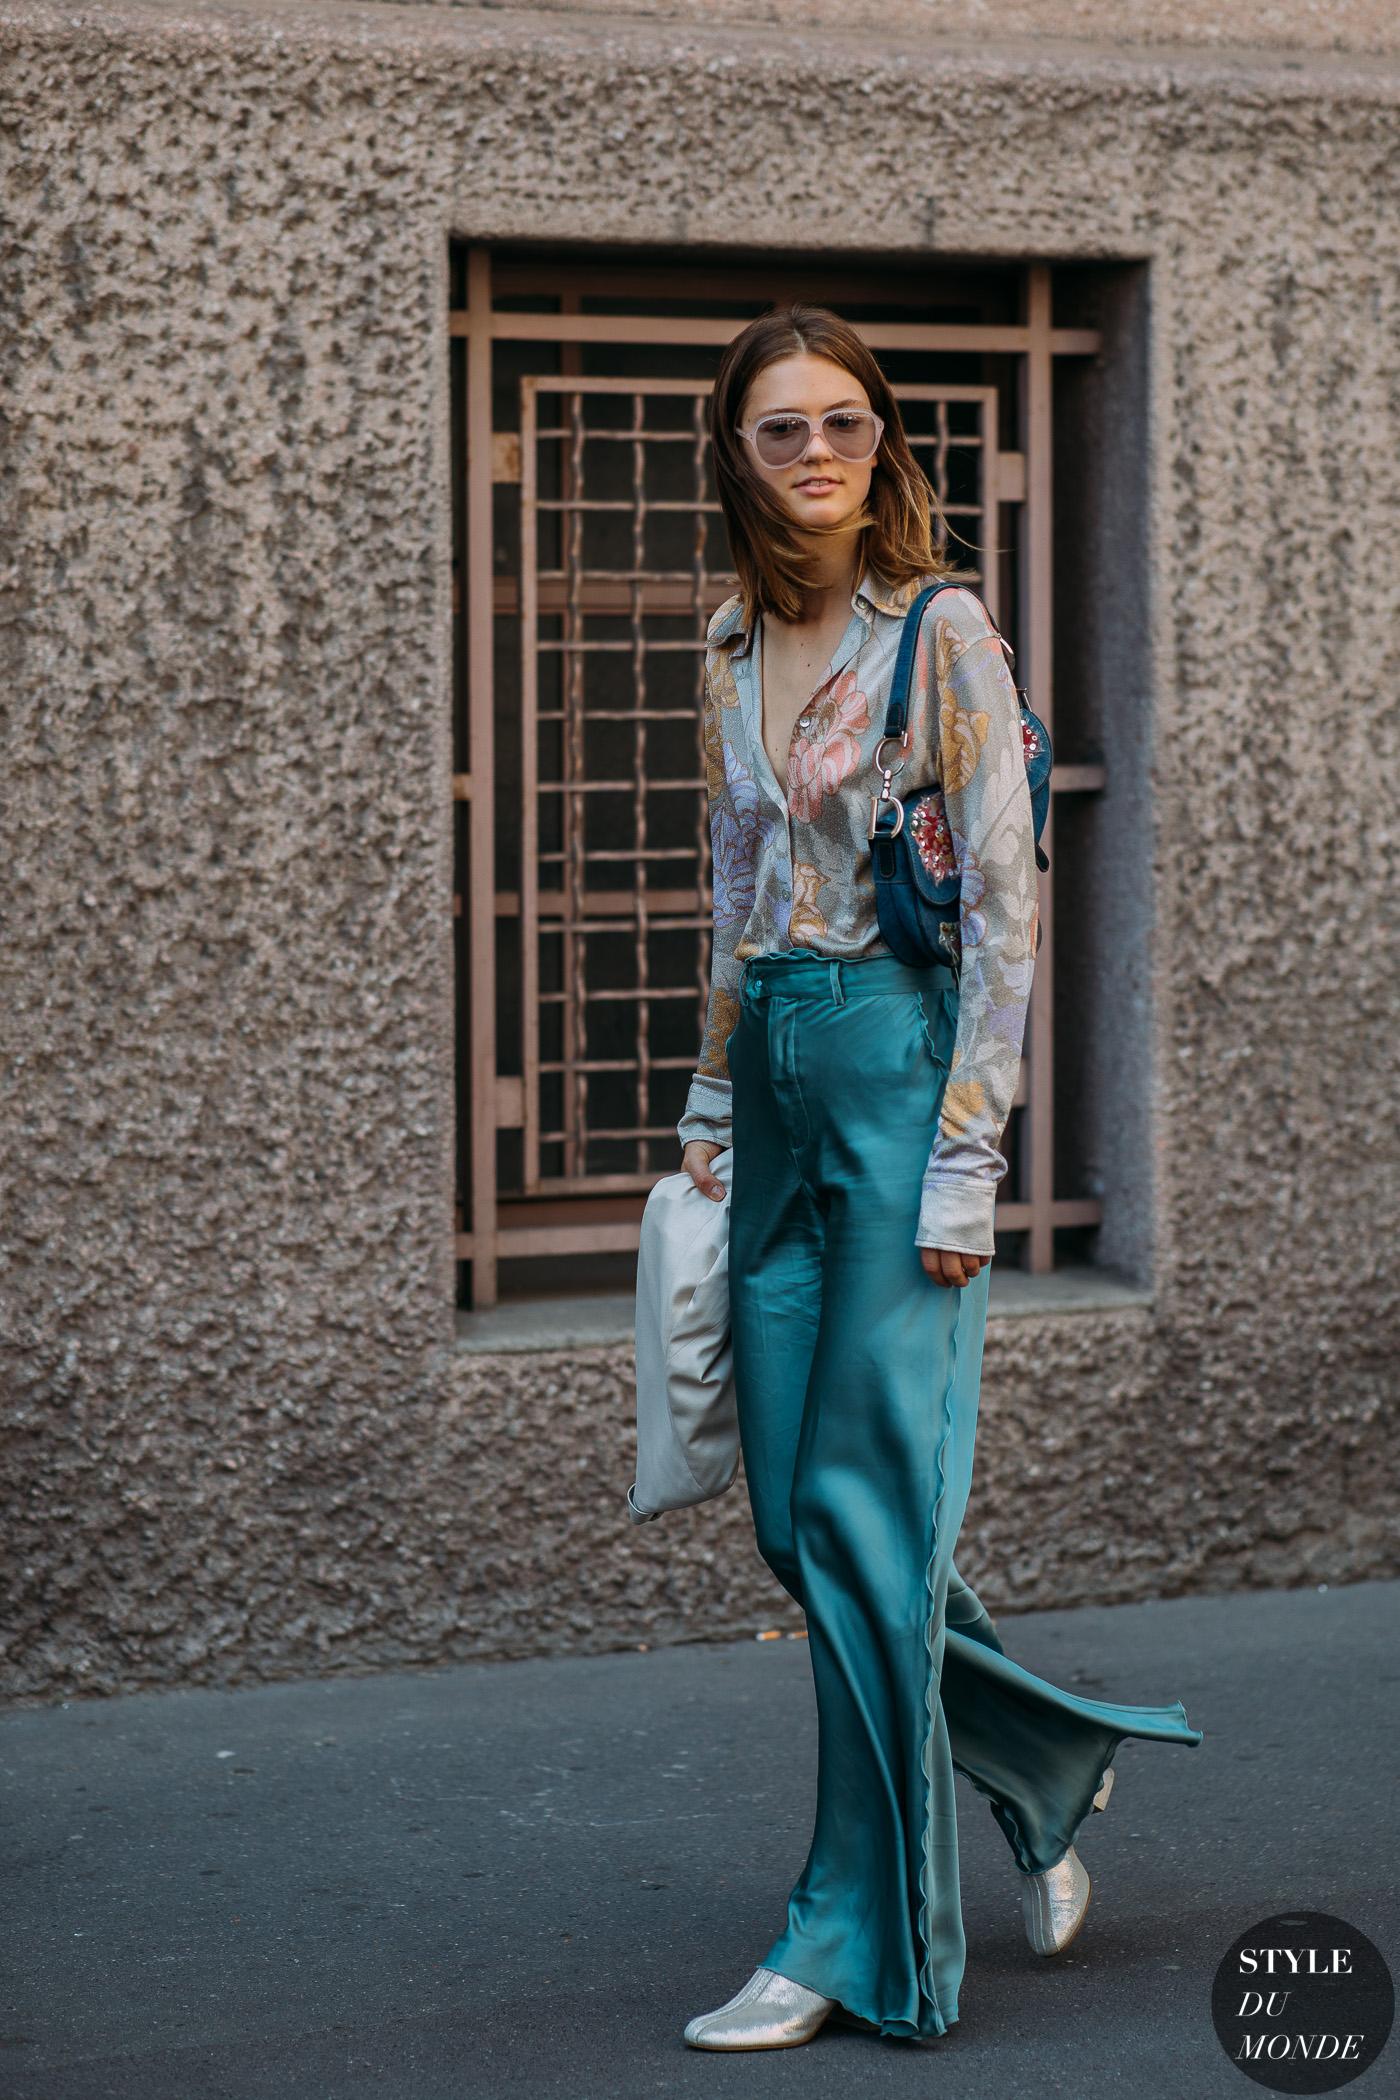 trang phục xanh ngọc lam elle việt nam 12